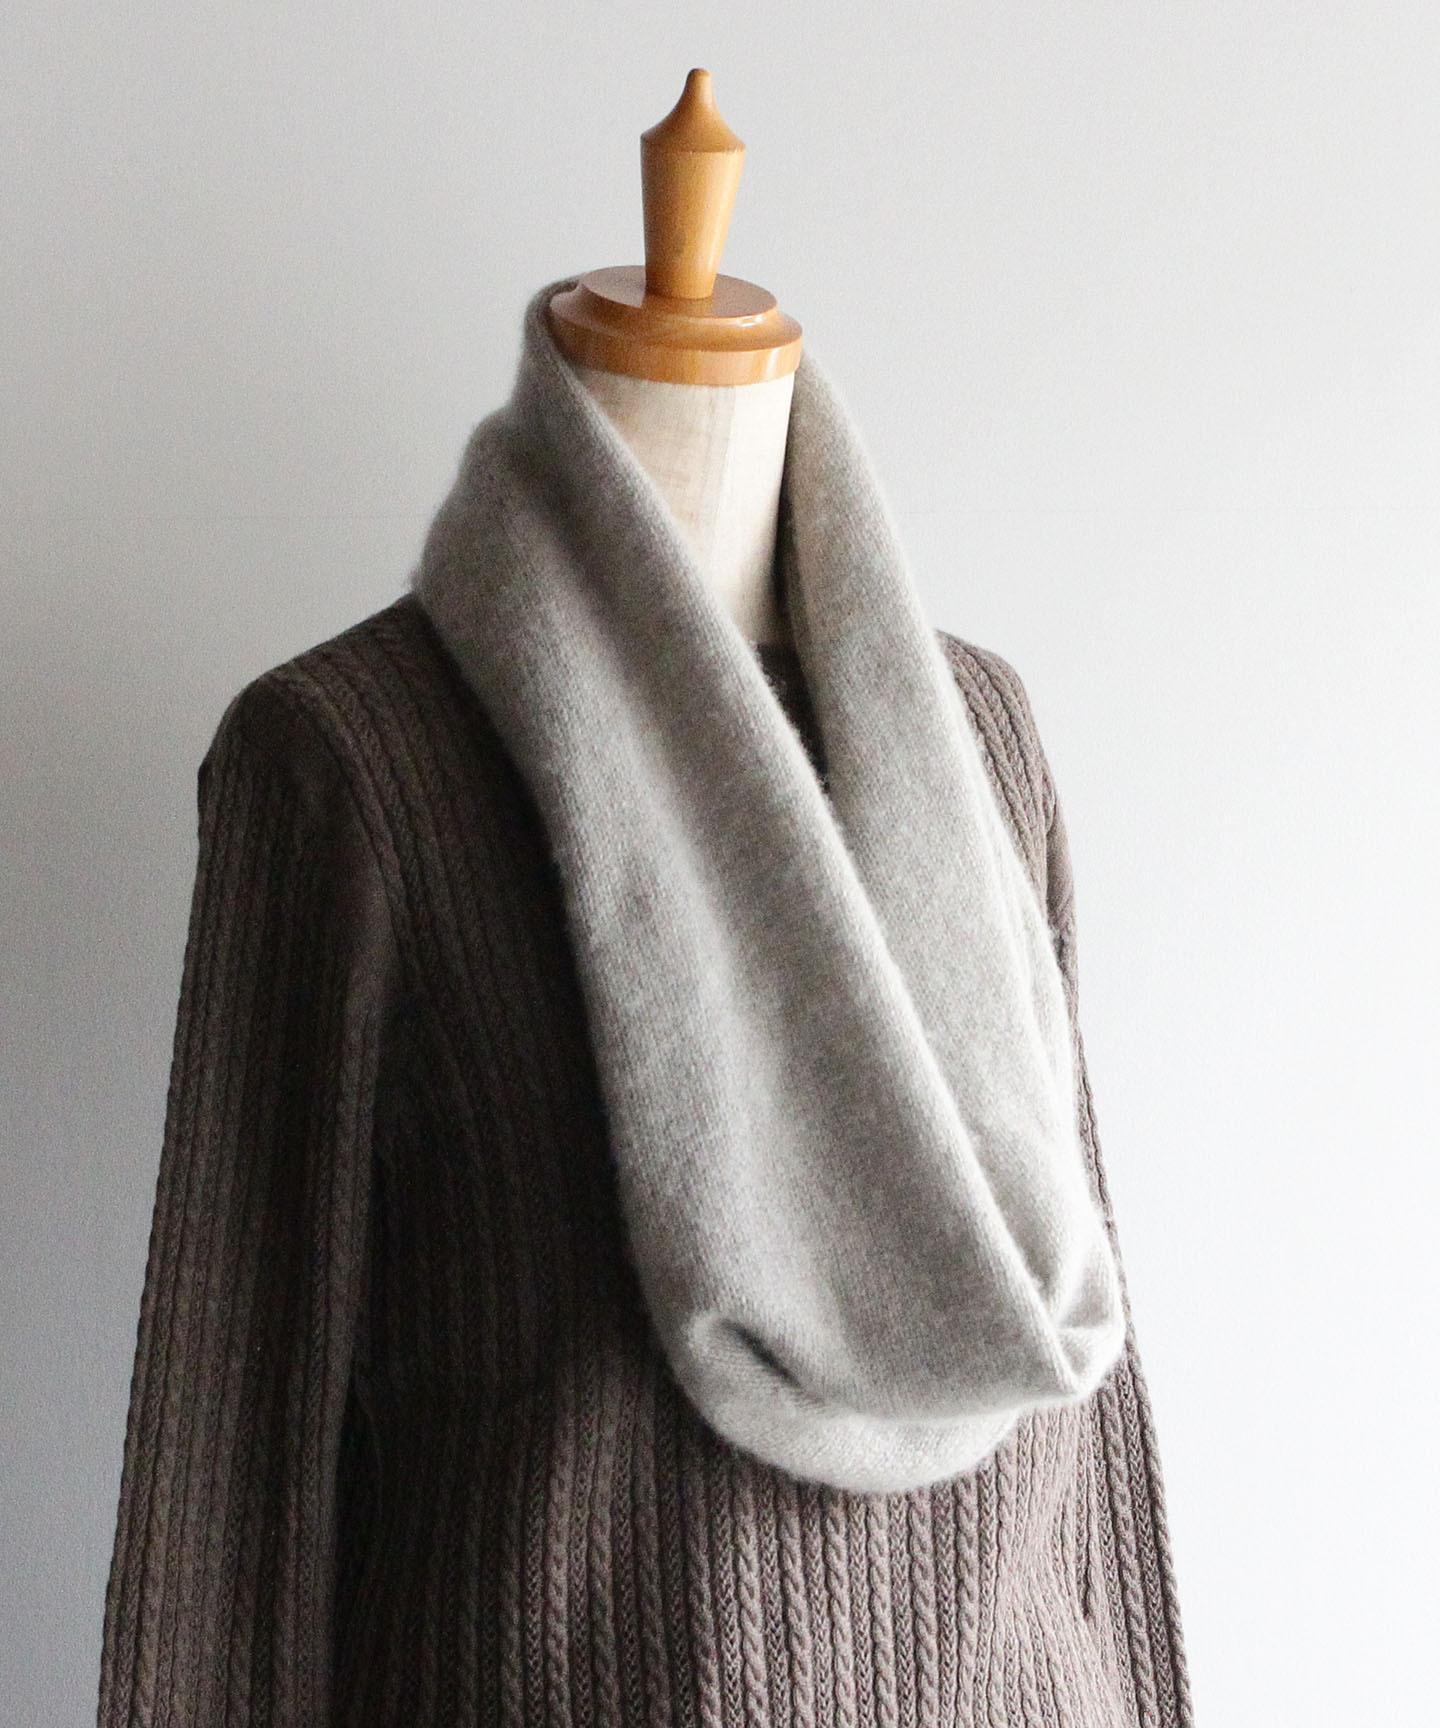 手編み機で編んだカシミヤセーブル【スヌード】モカベージュ